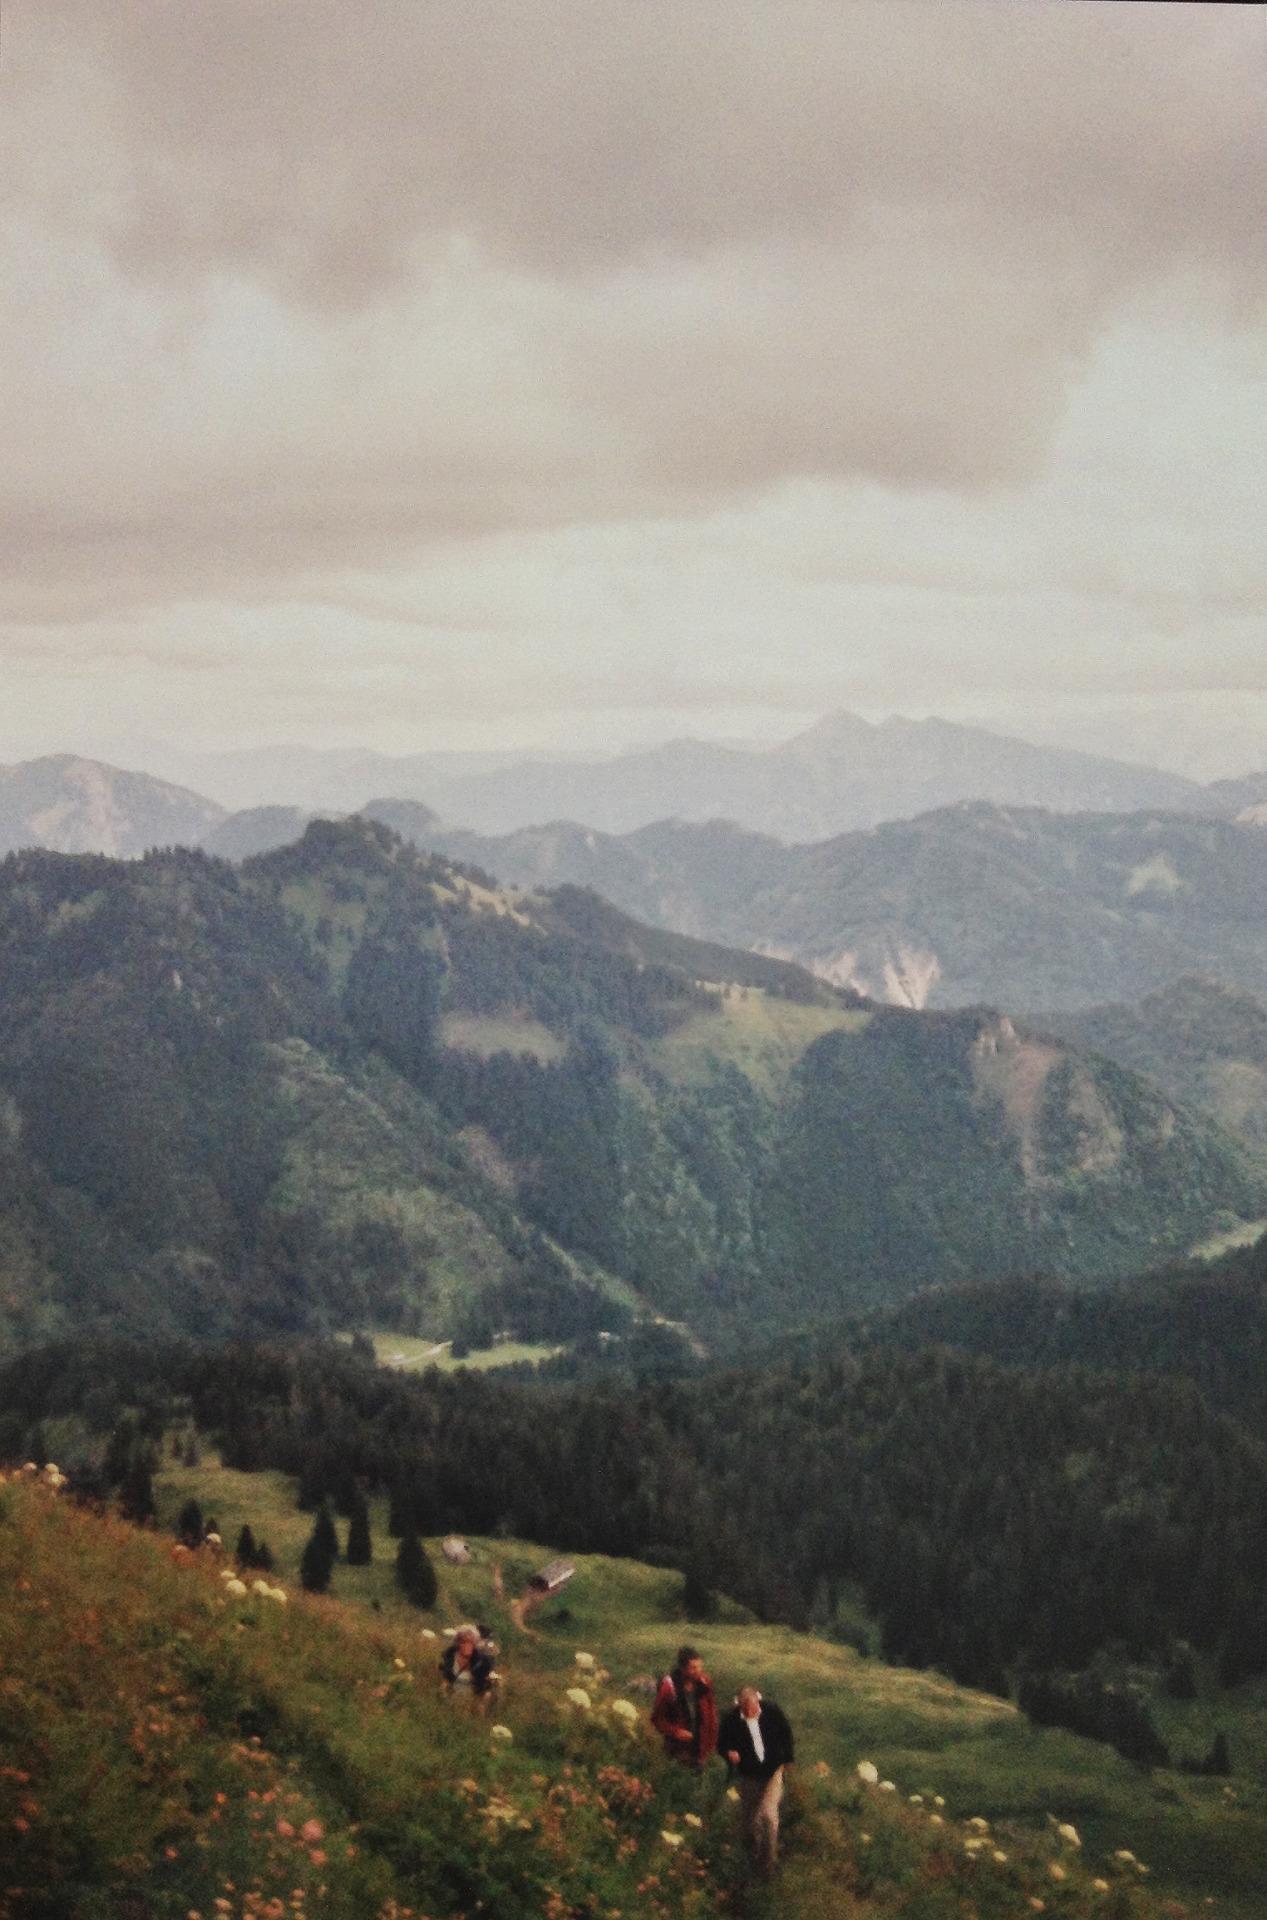 Peisaje... - Page 9 Tumblr_mmlx68YF701rkp5aho1_1280